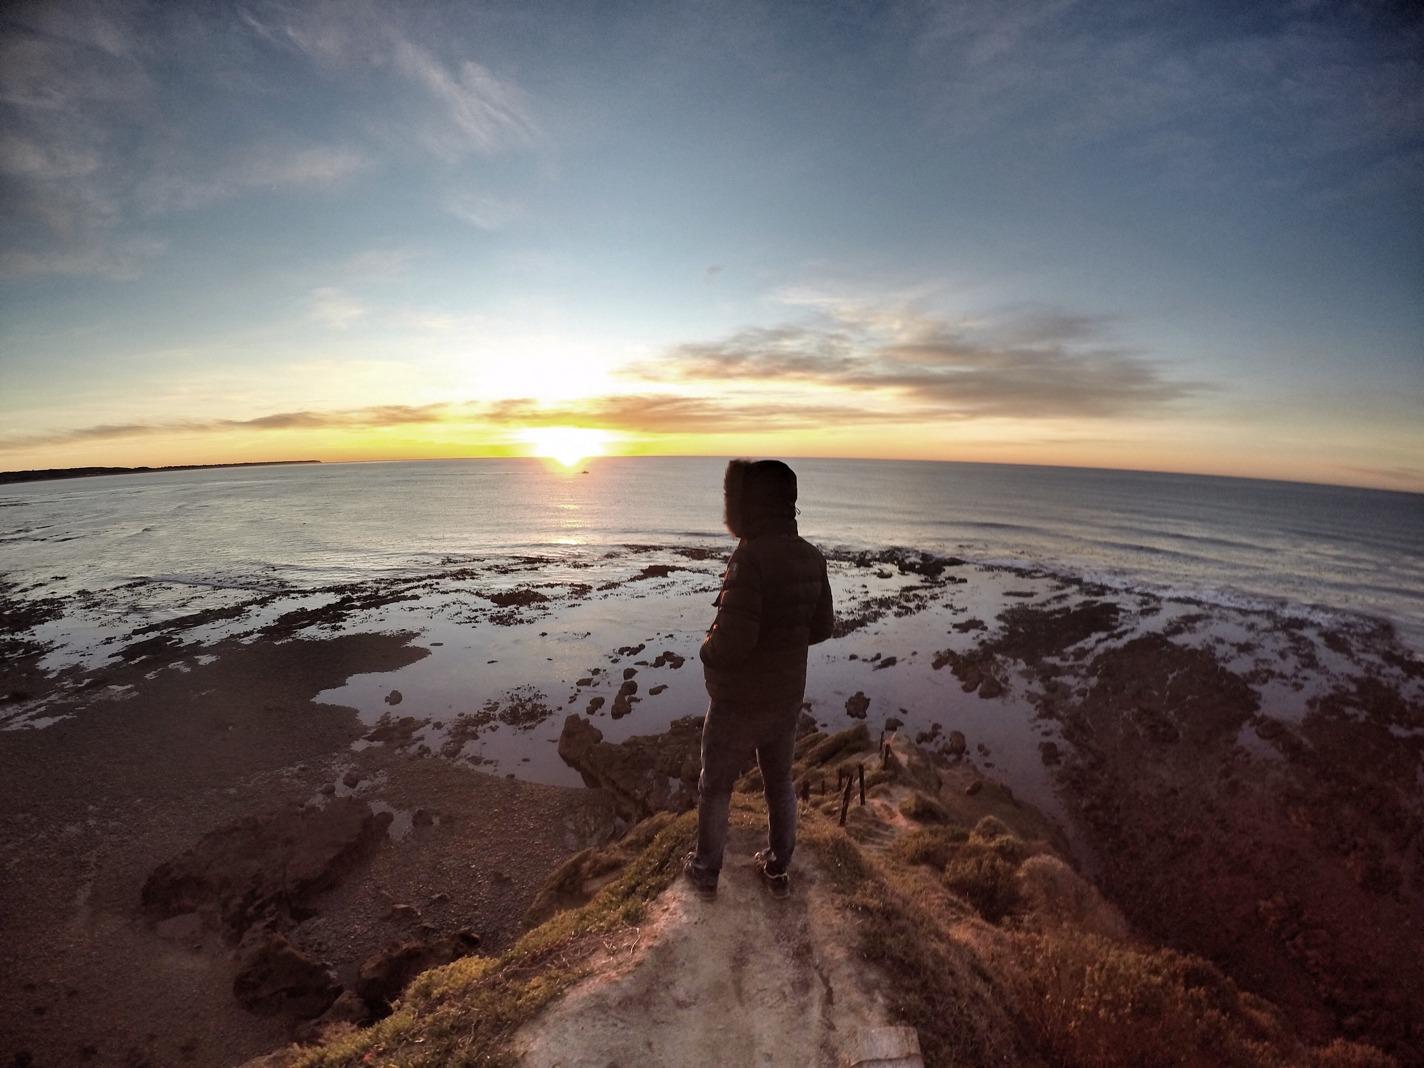 Sunrise at Bushy Beach